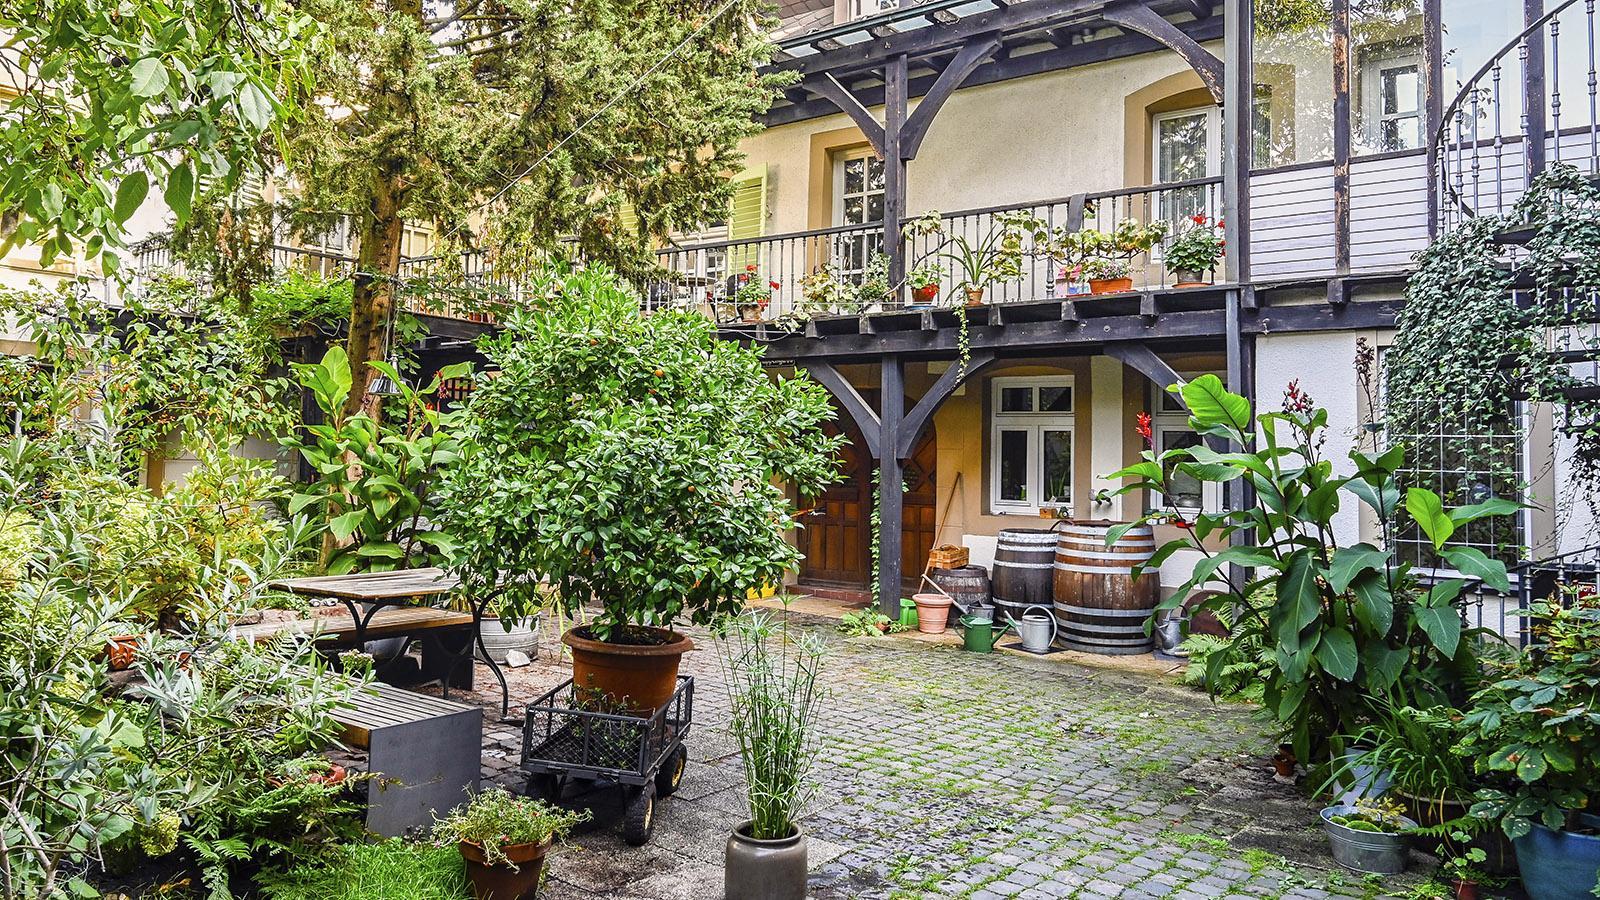 Ist er nicht wnderschön, der Innenhof dieses Bürgerhauses im Herzen der Stadt? Foto: Hilke Maunder